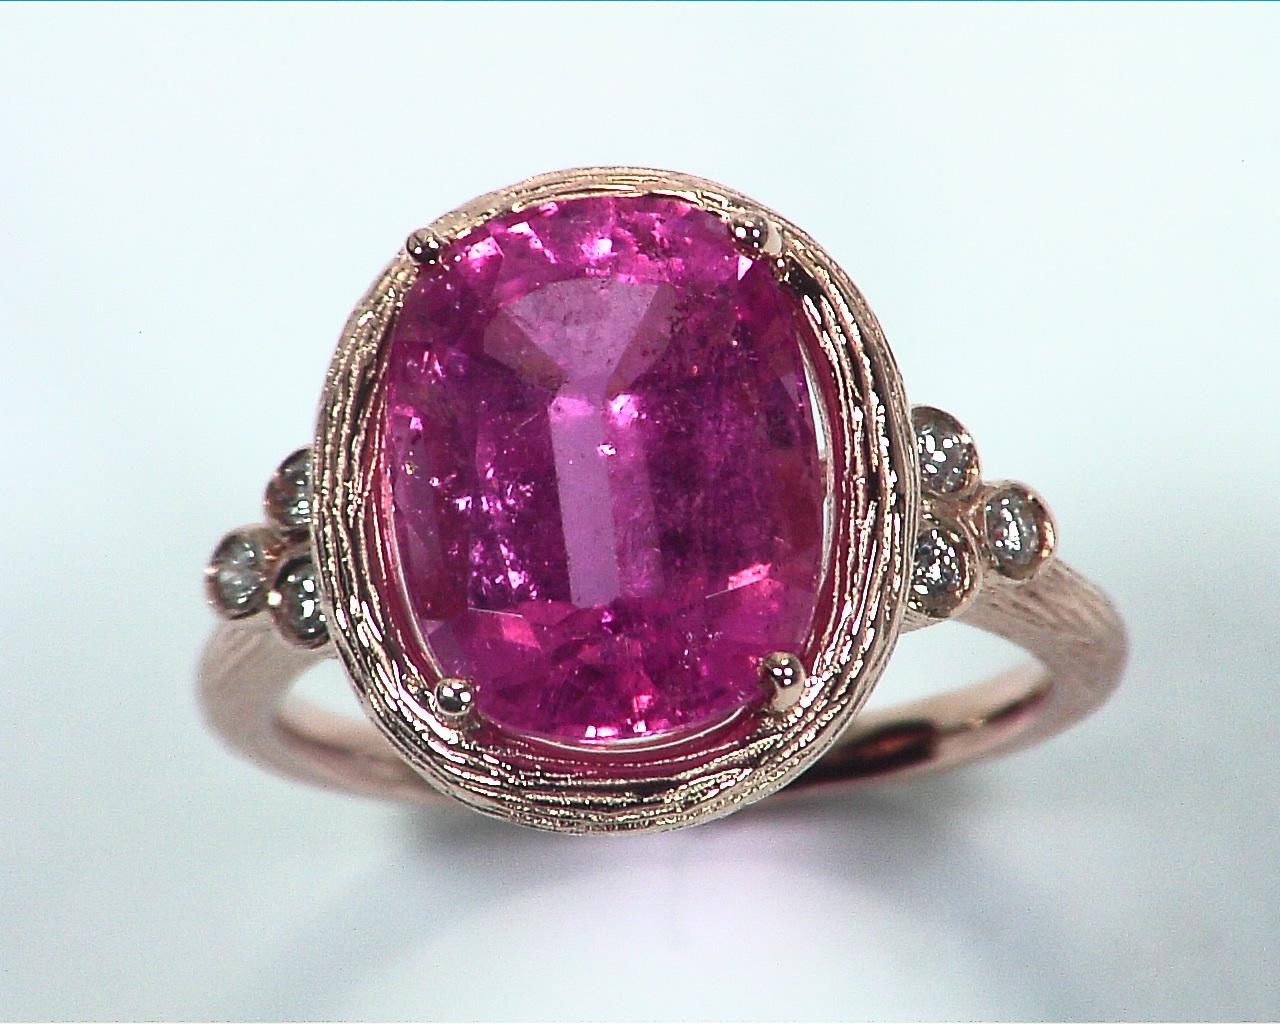 Pink Tourmaline Natural Genuine Gemstone Rose Gold Ring RFK,350